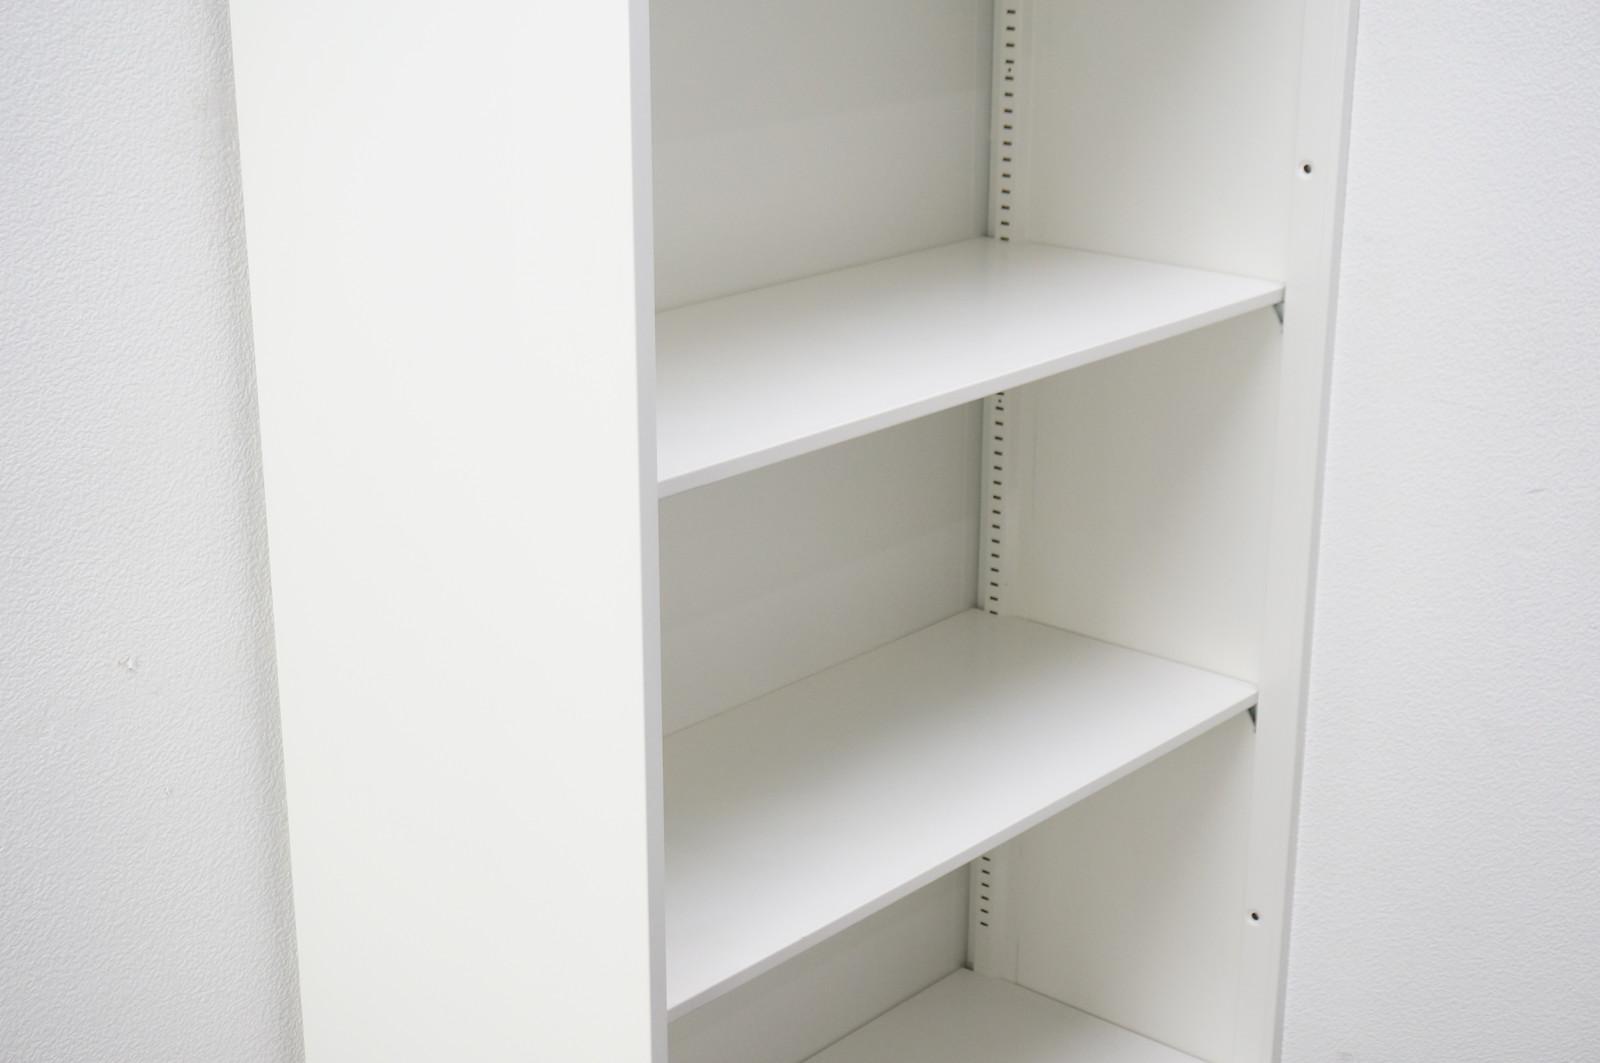 オカムラ レクトライン オープン書庫 W900 D400 H2150 ベース無し ZA75色 特価品